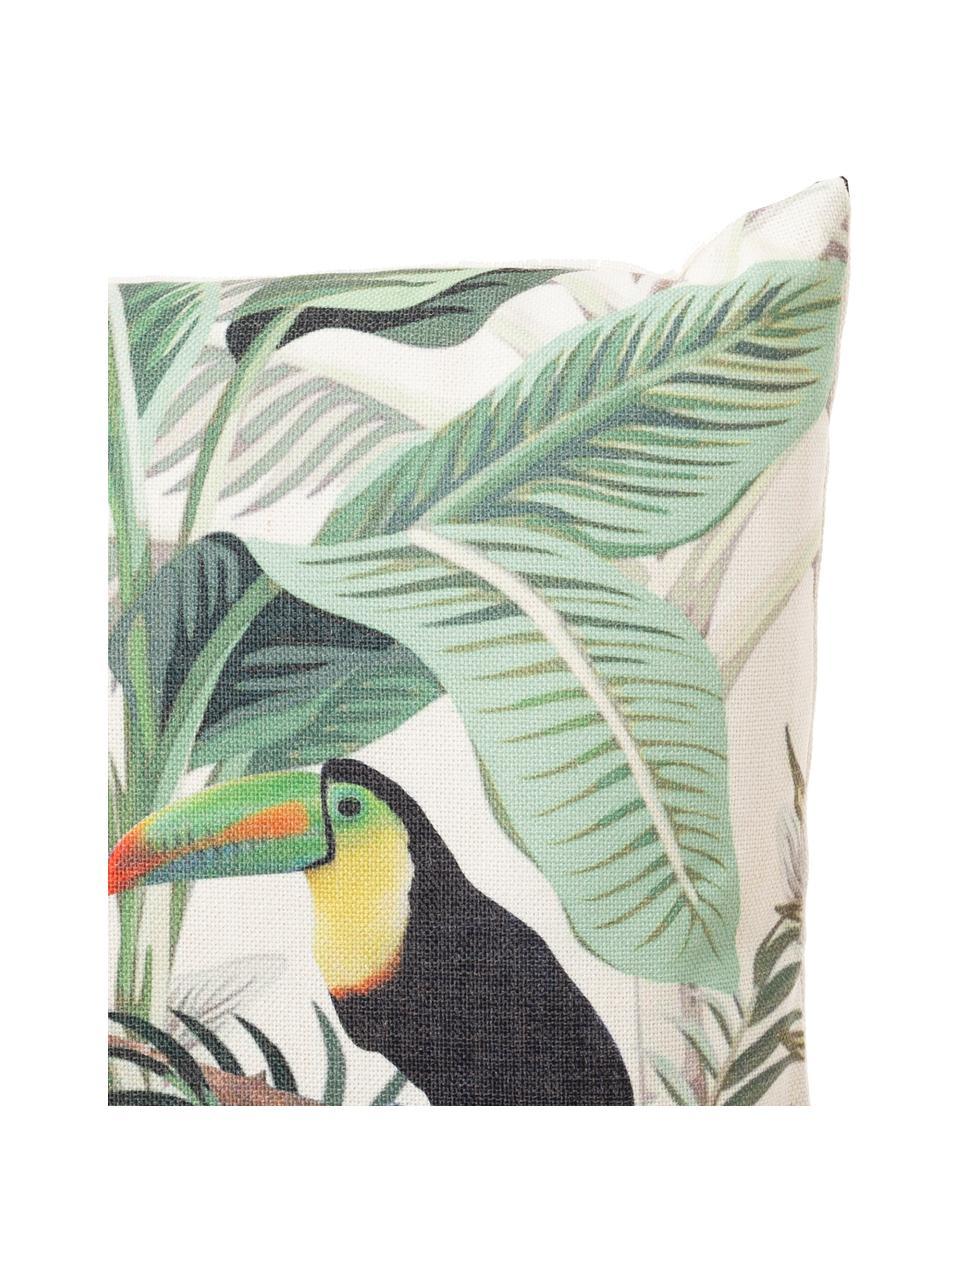 Outdoor-Kissen Toucan mit tropischem Motiv, mit Inlett, Bezug: 83% Polyester, 13% Baumwo, Grün, Mehrfarbig, 45 x 45 cm